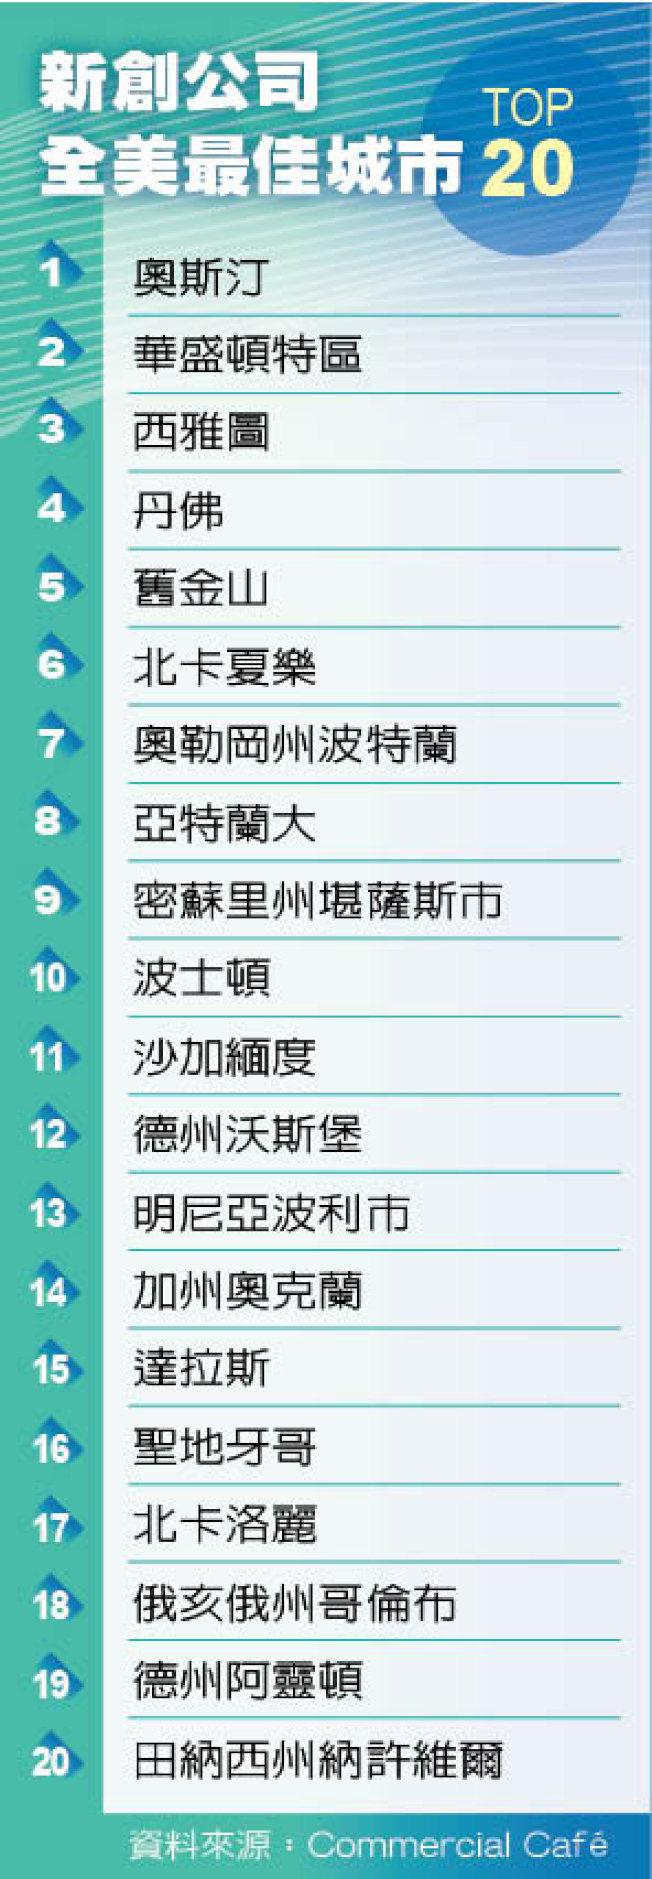 一張圖看新創公司全美最佳城市 TOP 20